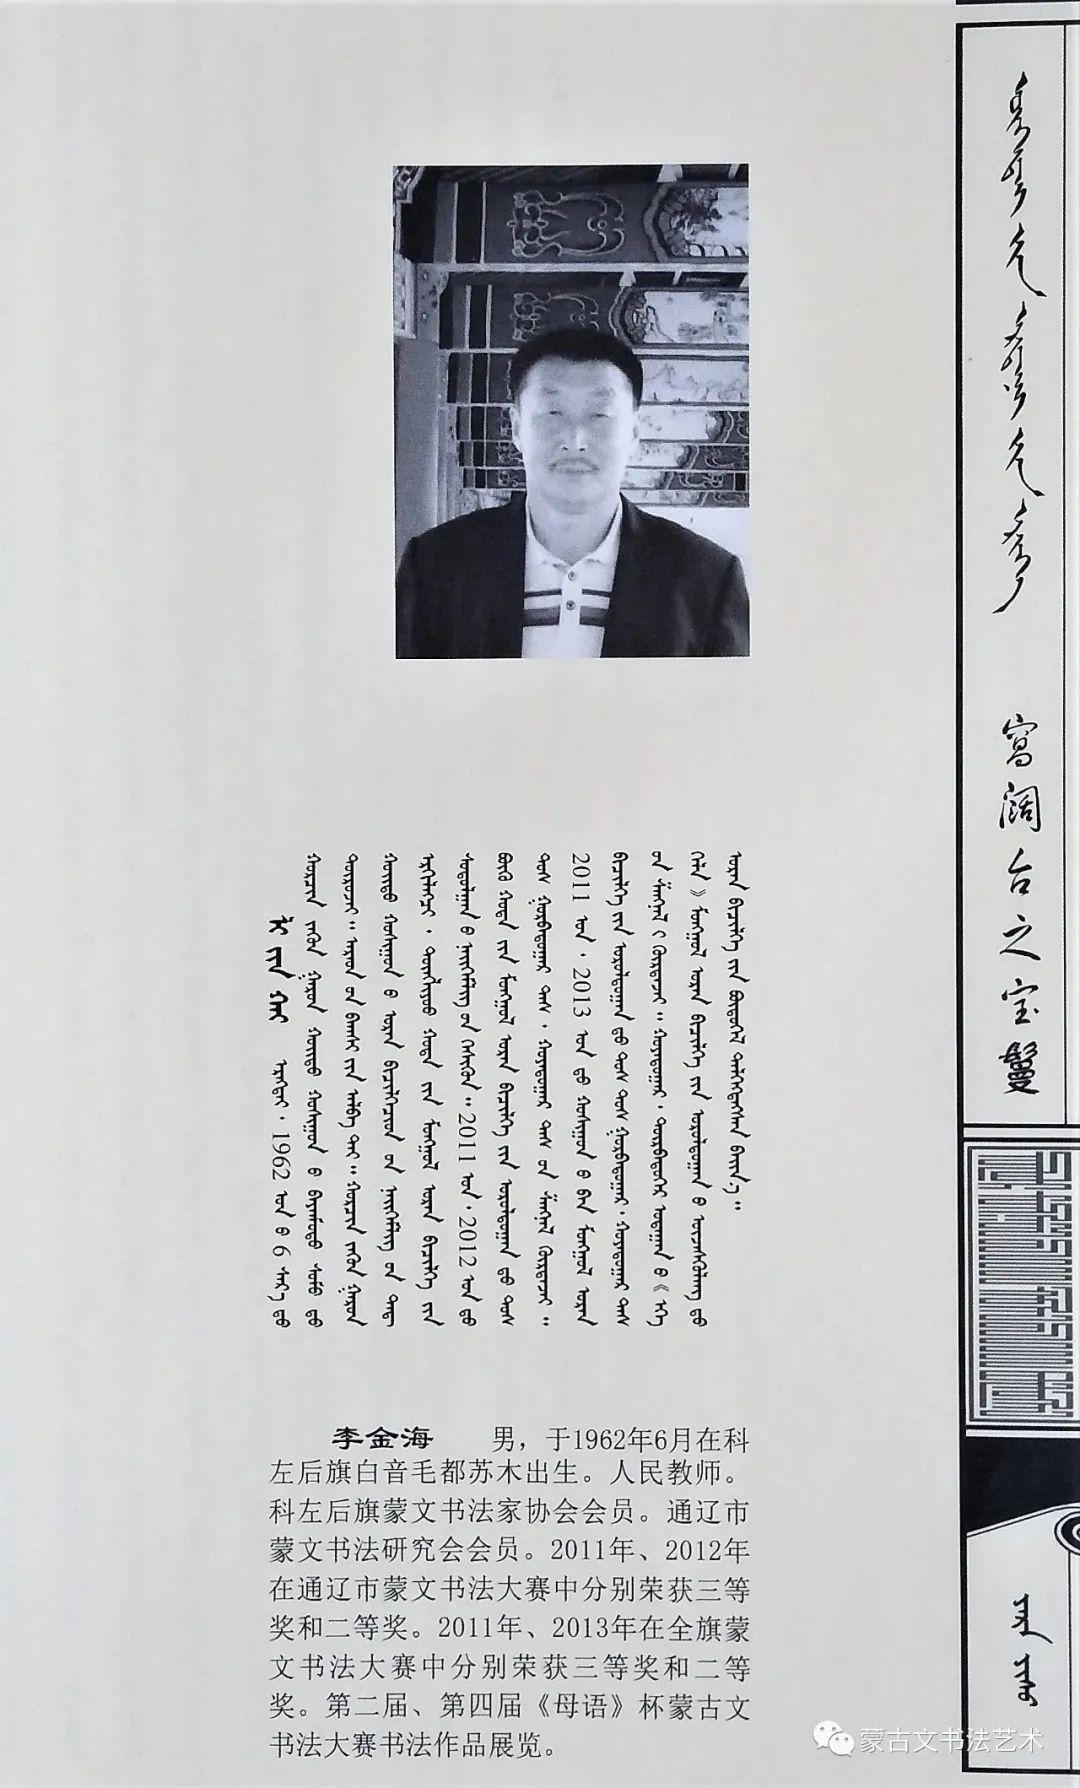 蒙古文经典文献当代书法名家手抄本之李金海《窝阔台之宝鬘》 第14张